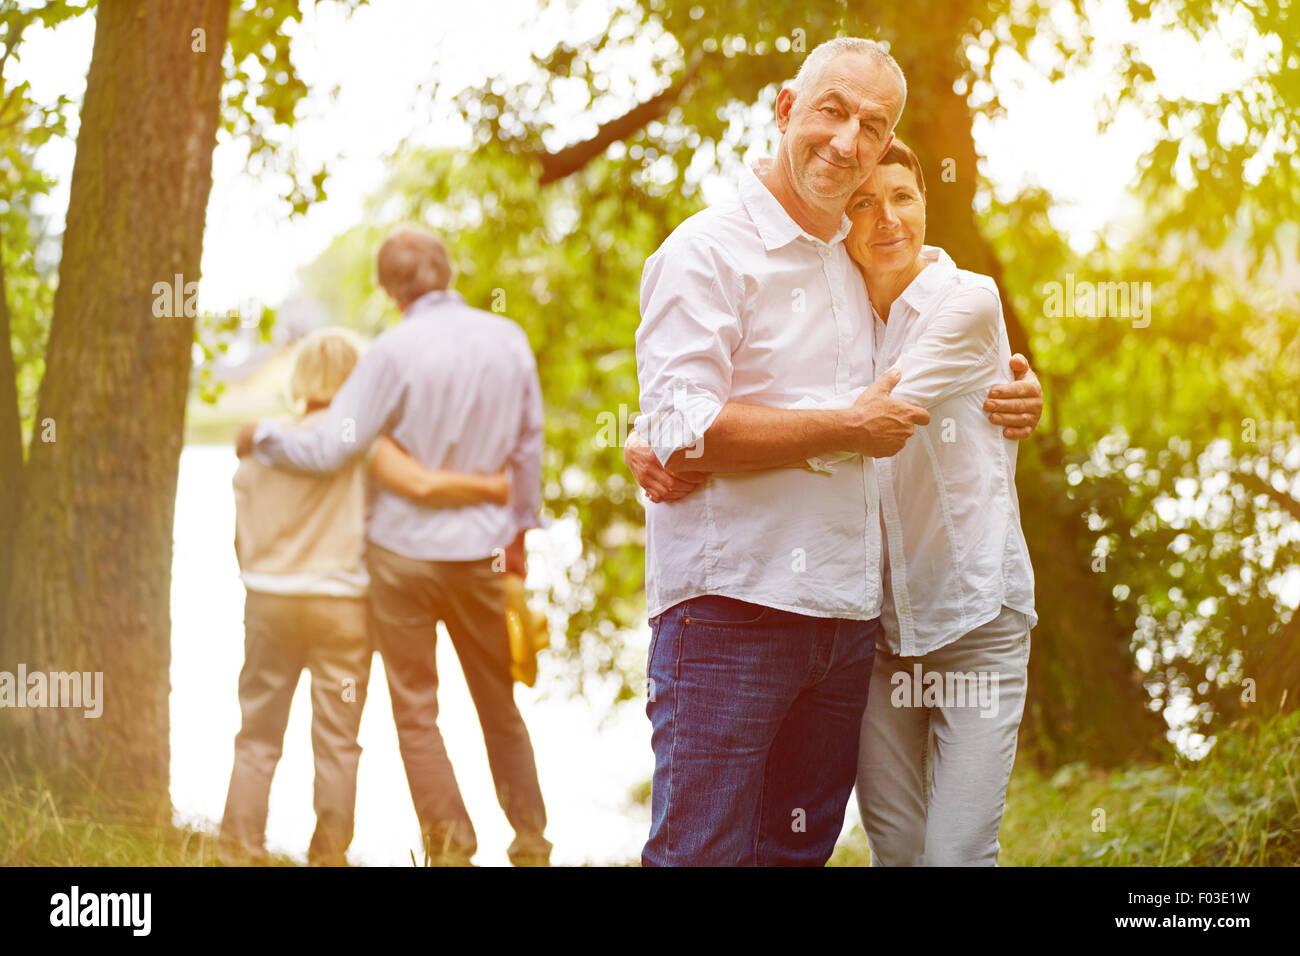 Due felici coppie senior nel giardino della casa di cura in estate Immagini Stock